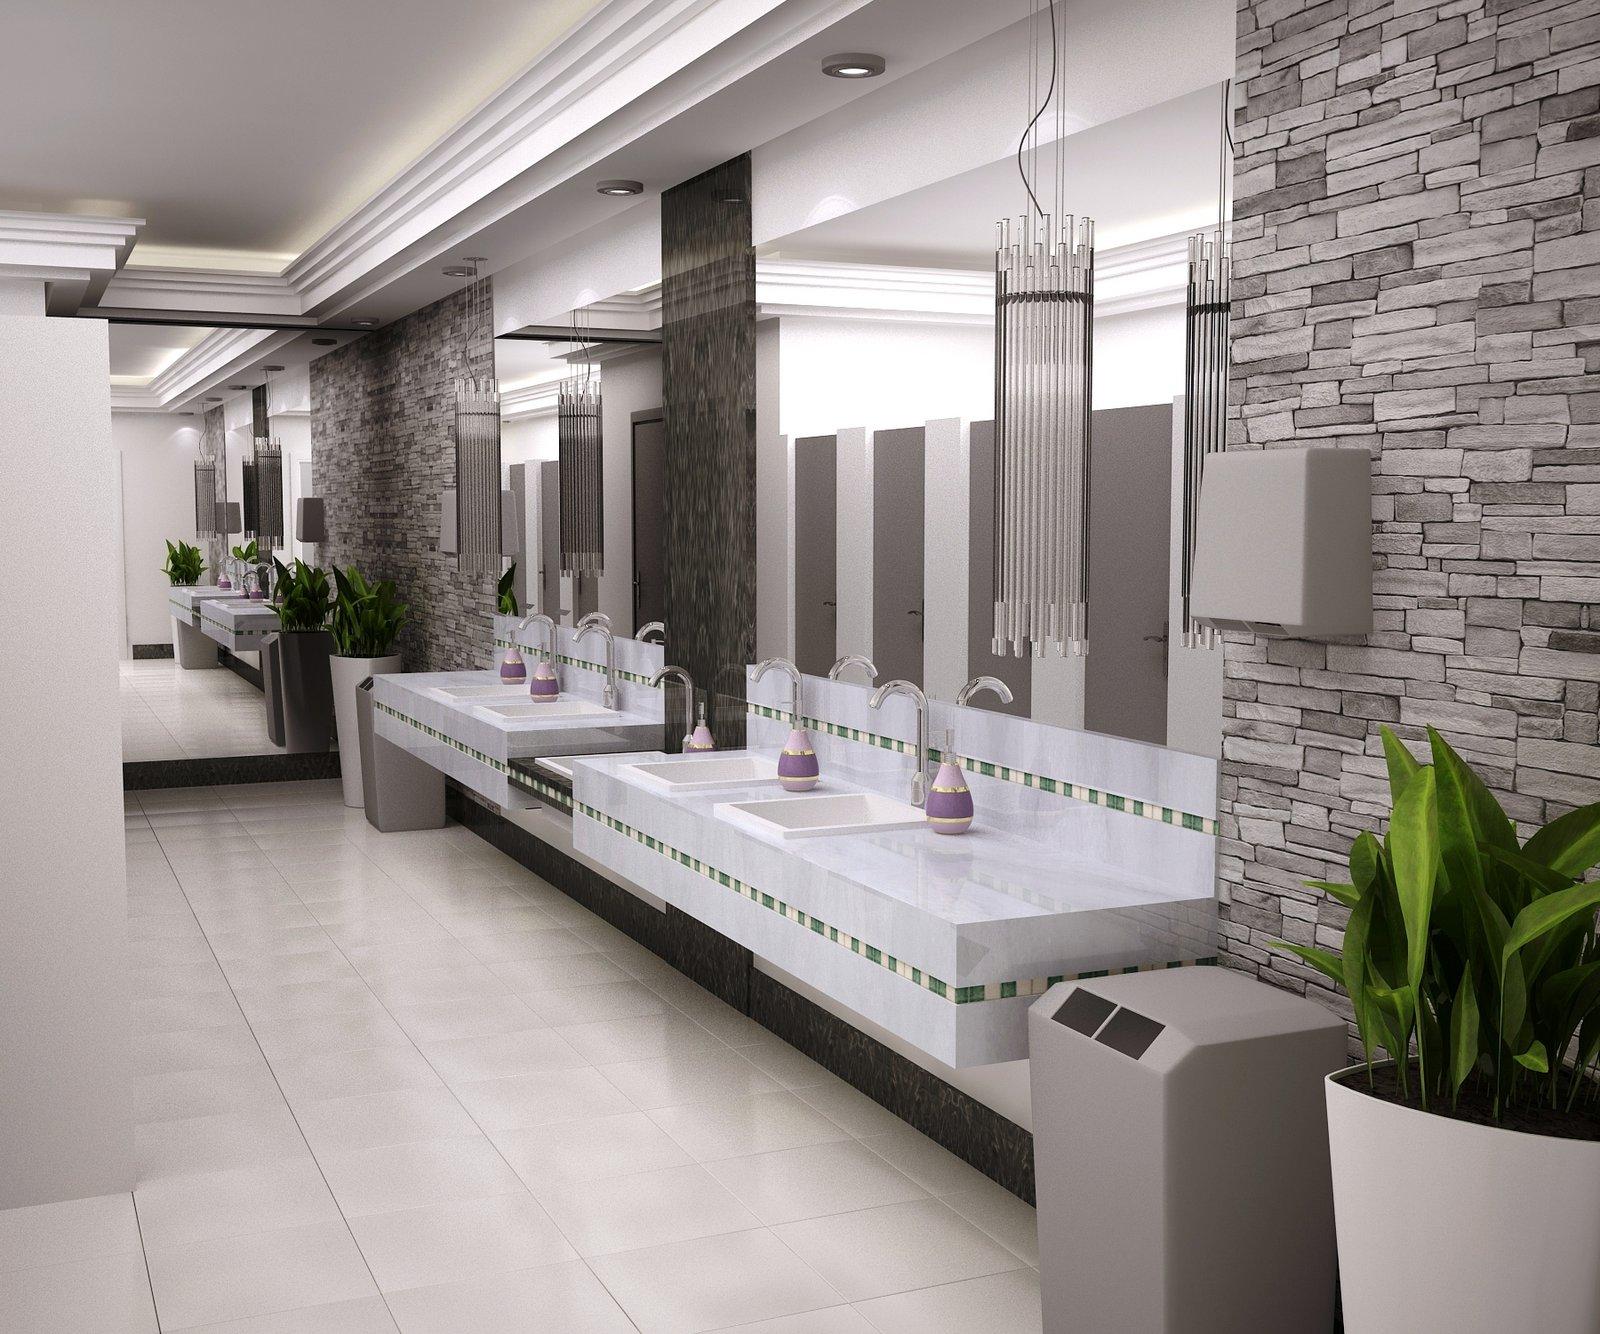 Vänya Lopes Designer de Interiores.: Banheiro publico. #4C5F1E 1600 1334